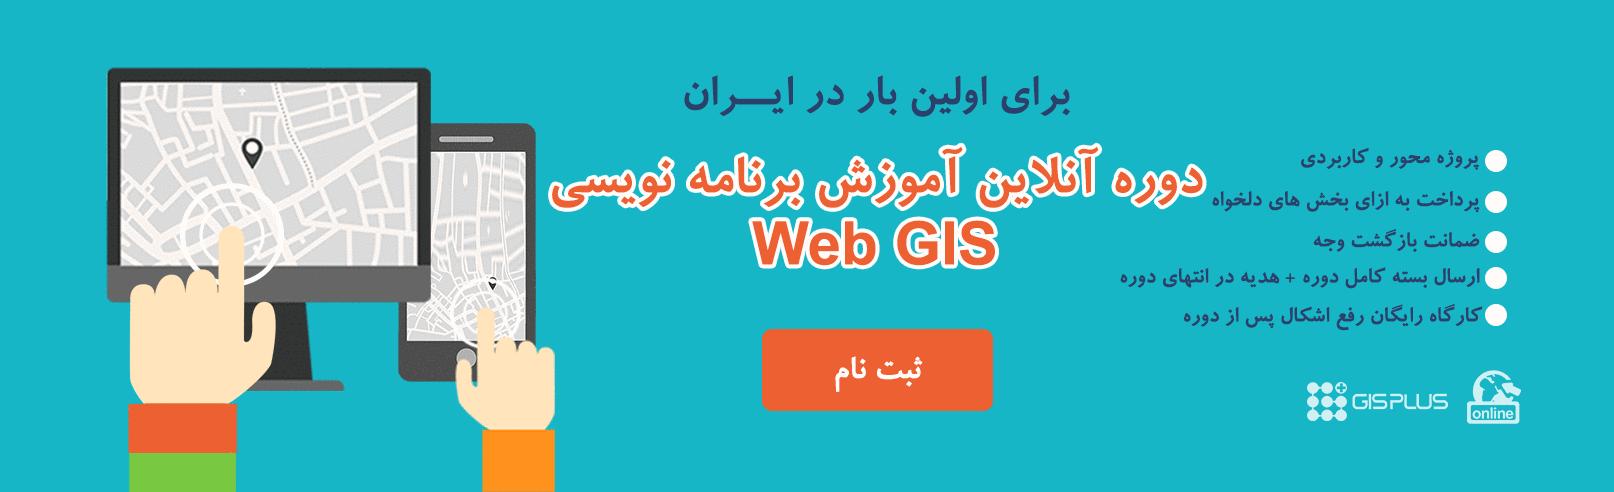 ثبت نام در دوره آنلاین آموزش برنامه نویسی WebGIS